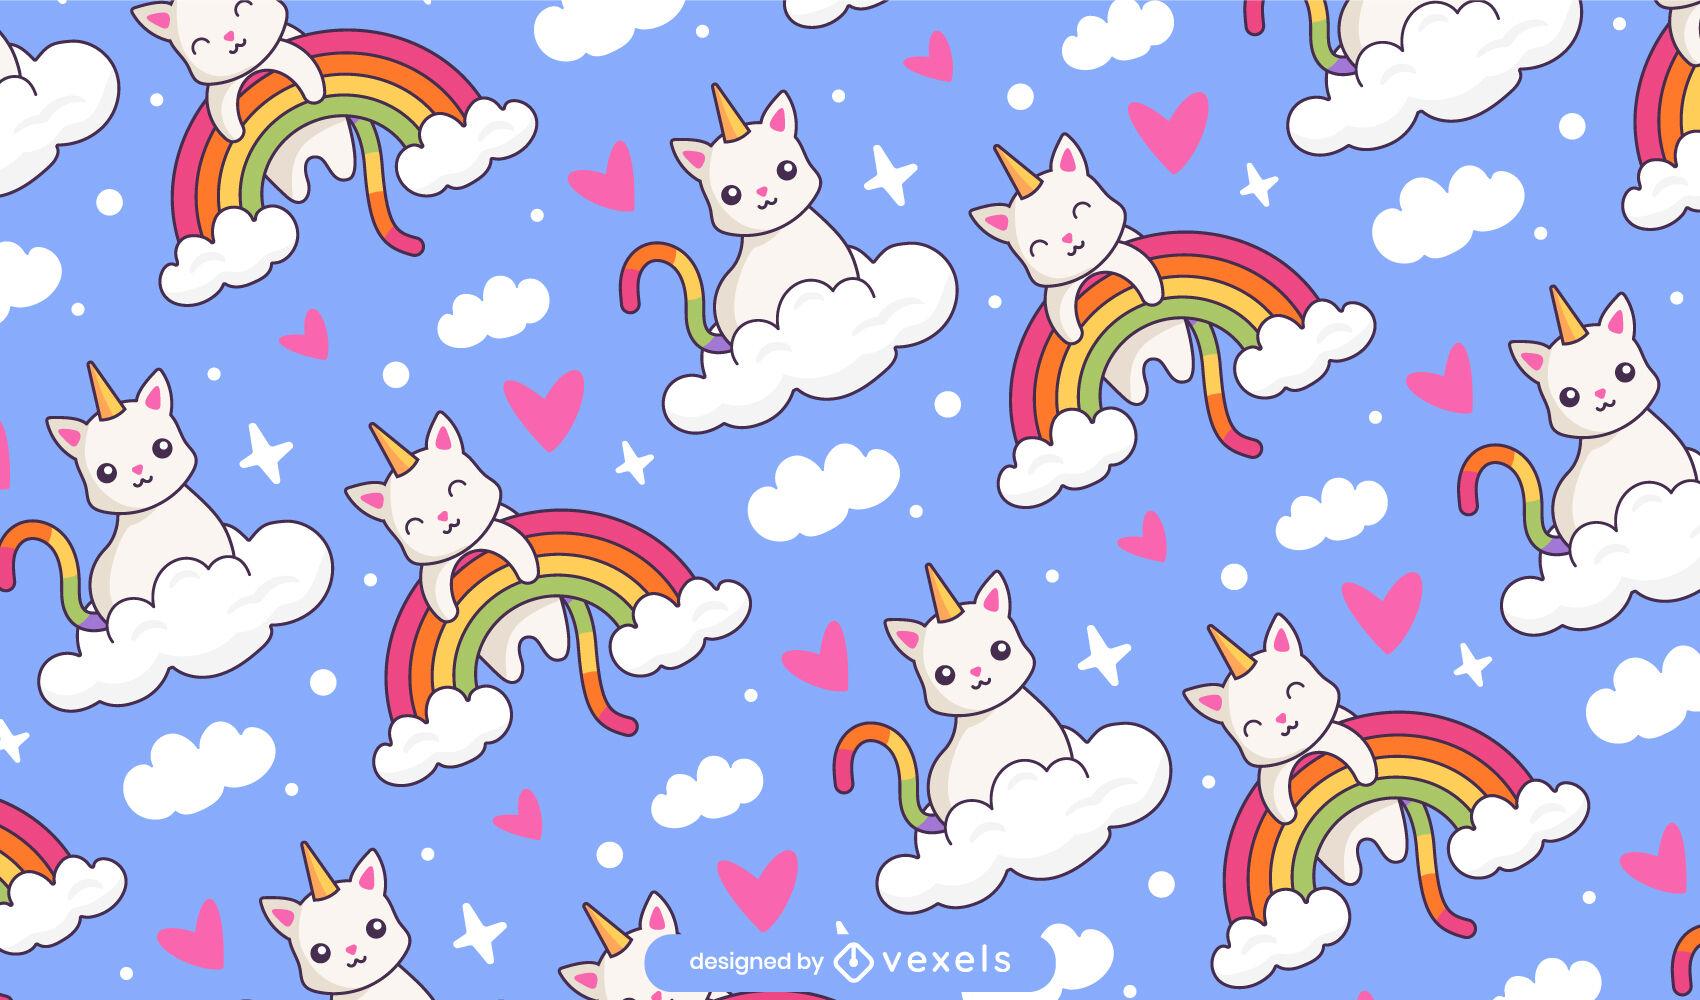 Animales gato unicornio en patrón de arco iris